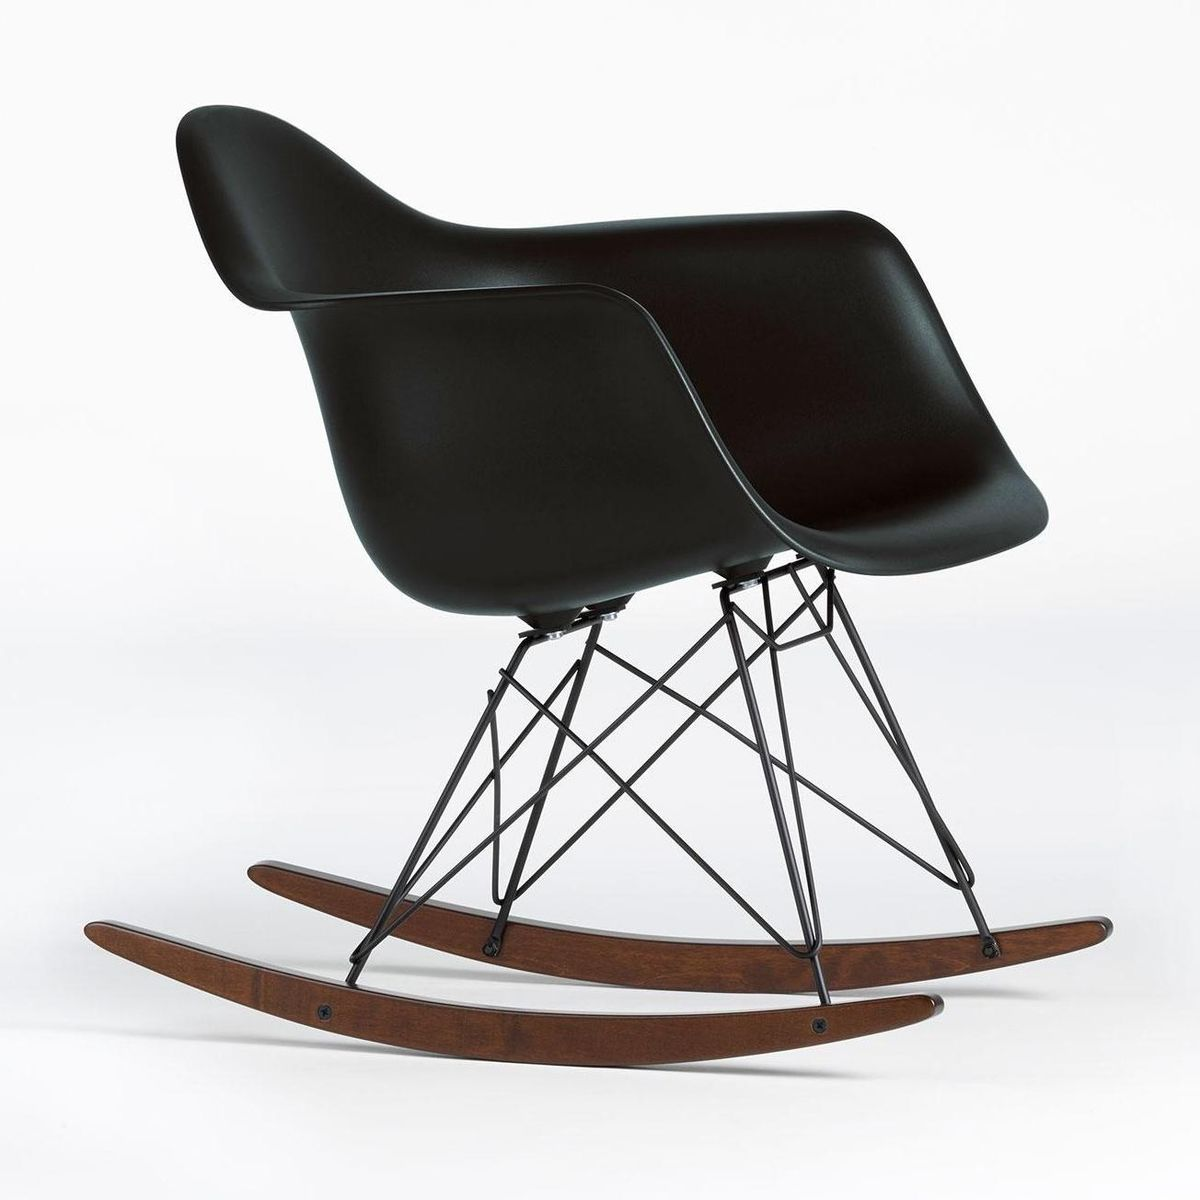 Eames plastic armchair rar schaukelstuhl vitra for Schaukelstuhl schwarz